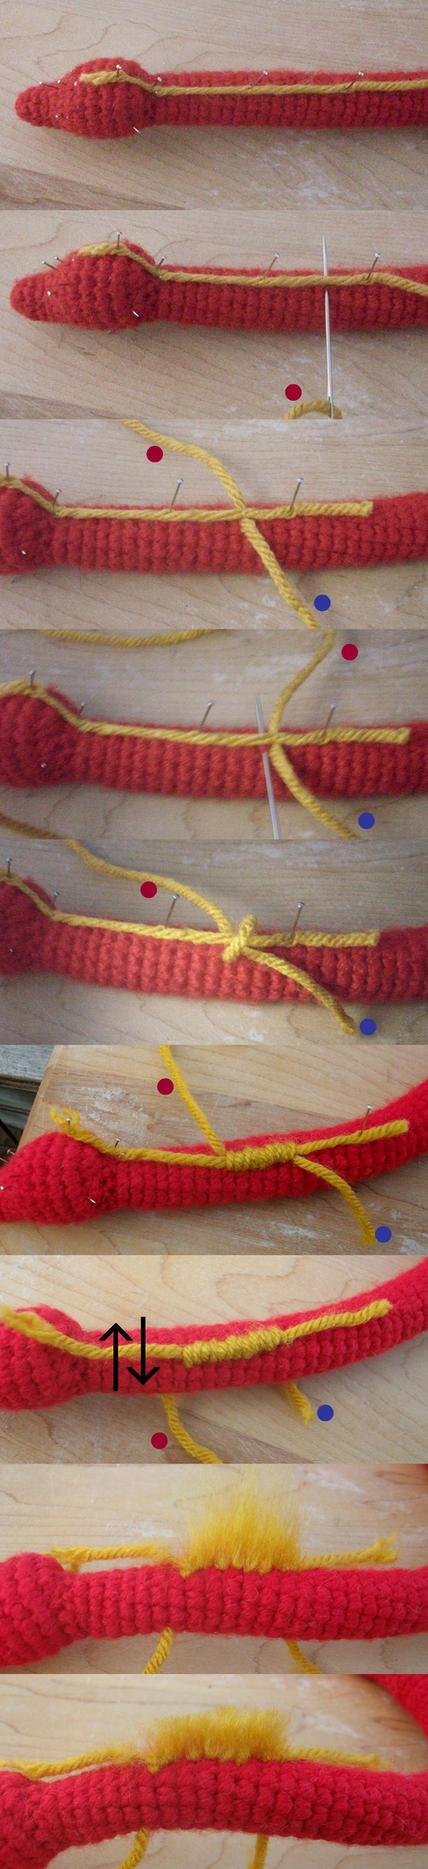 Brushed Yarn Hair Tutorial by Pickleweasel360